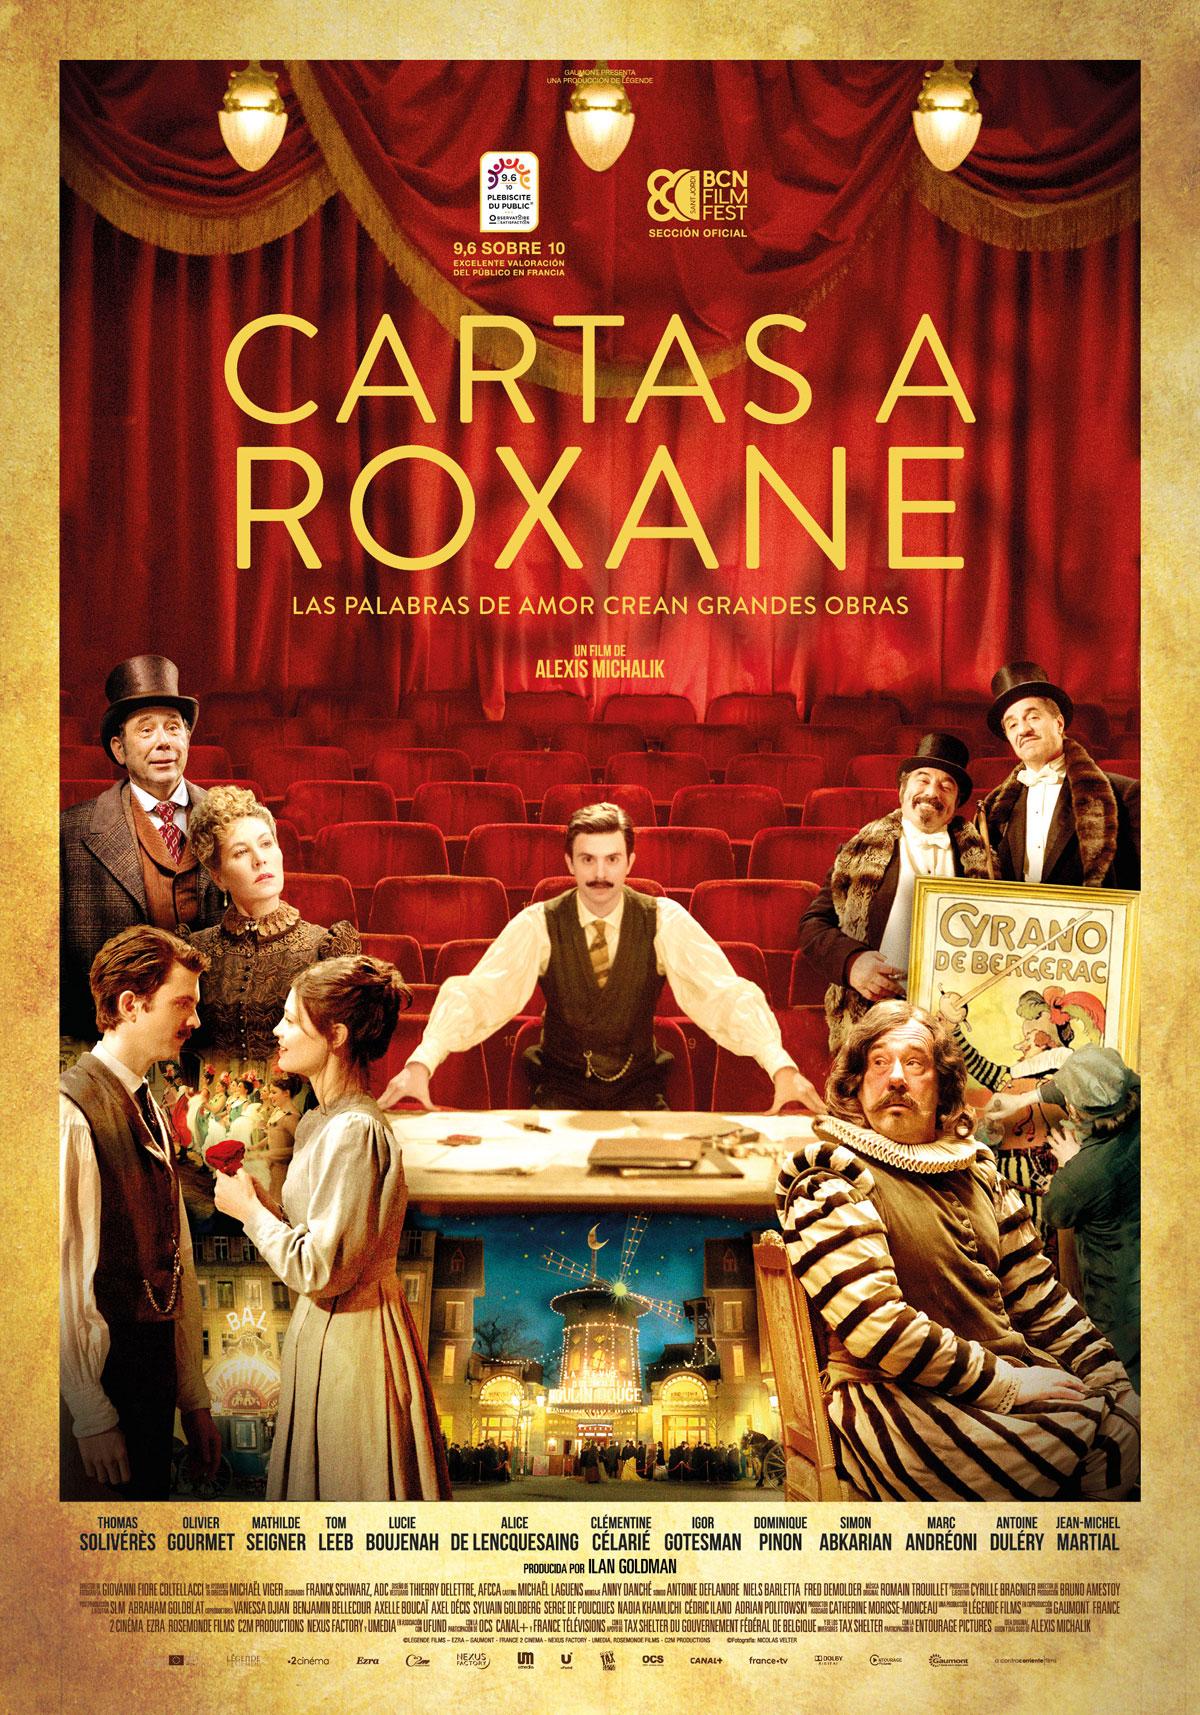 Cartas a Roxane - Película 2018 - SensaCine.com